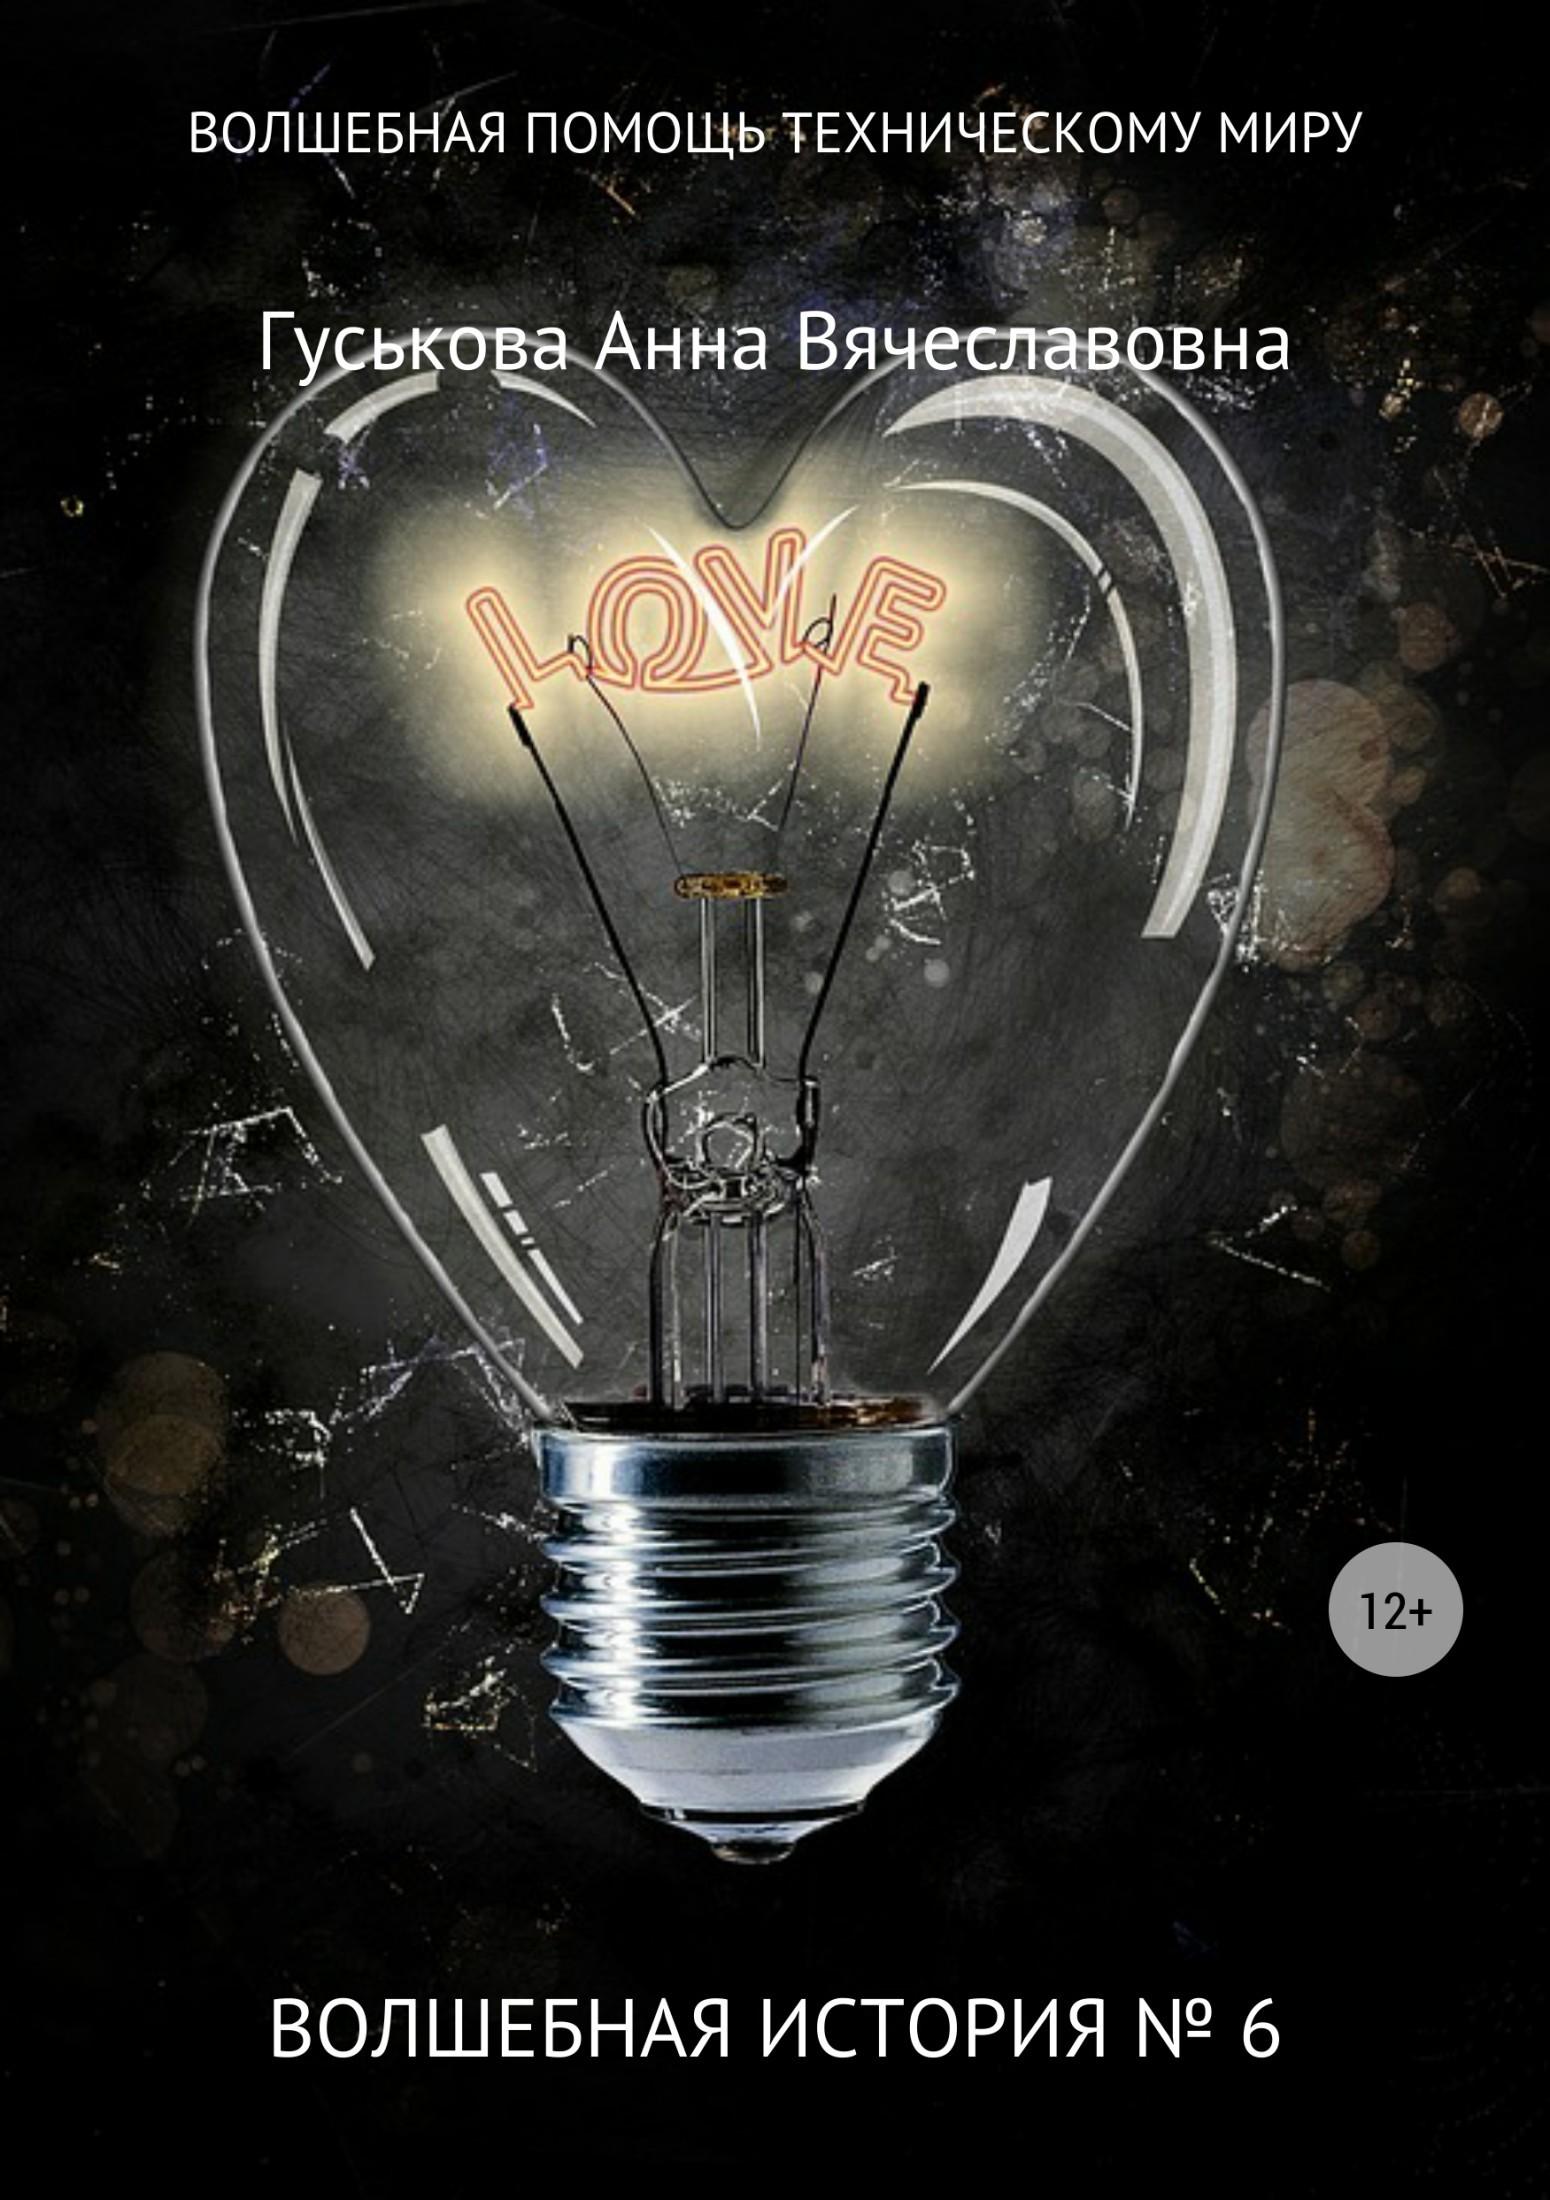 Волшебная история № 6. Волшебная помощь техническому миру